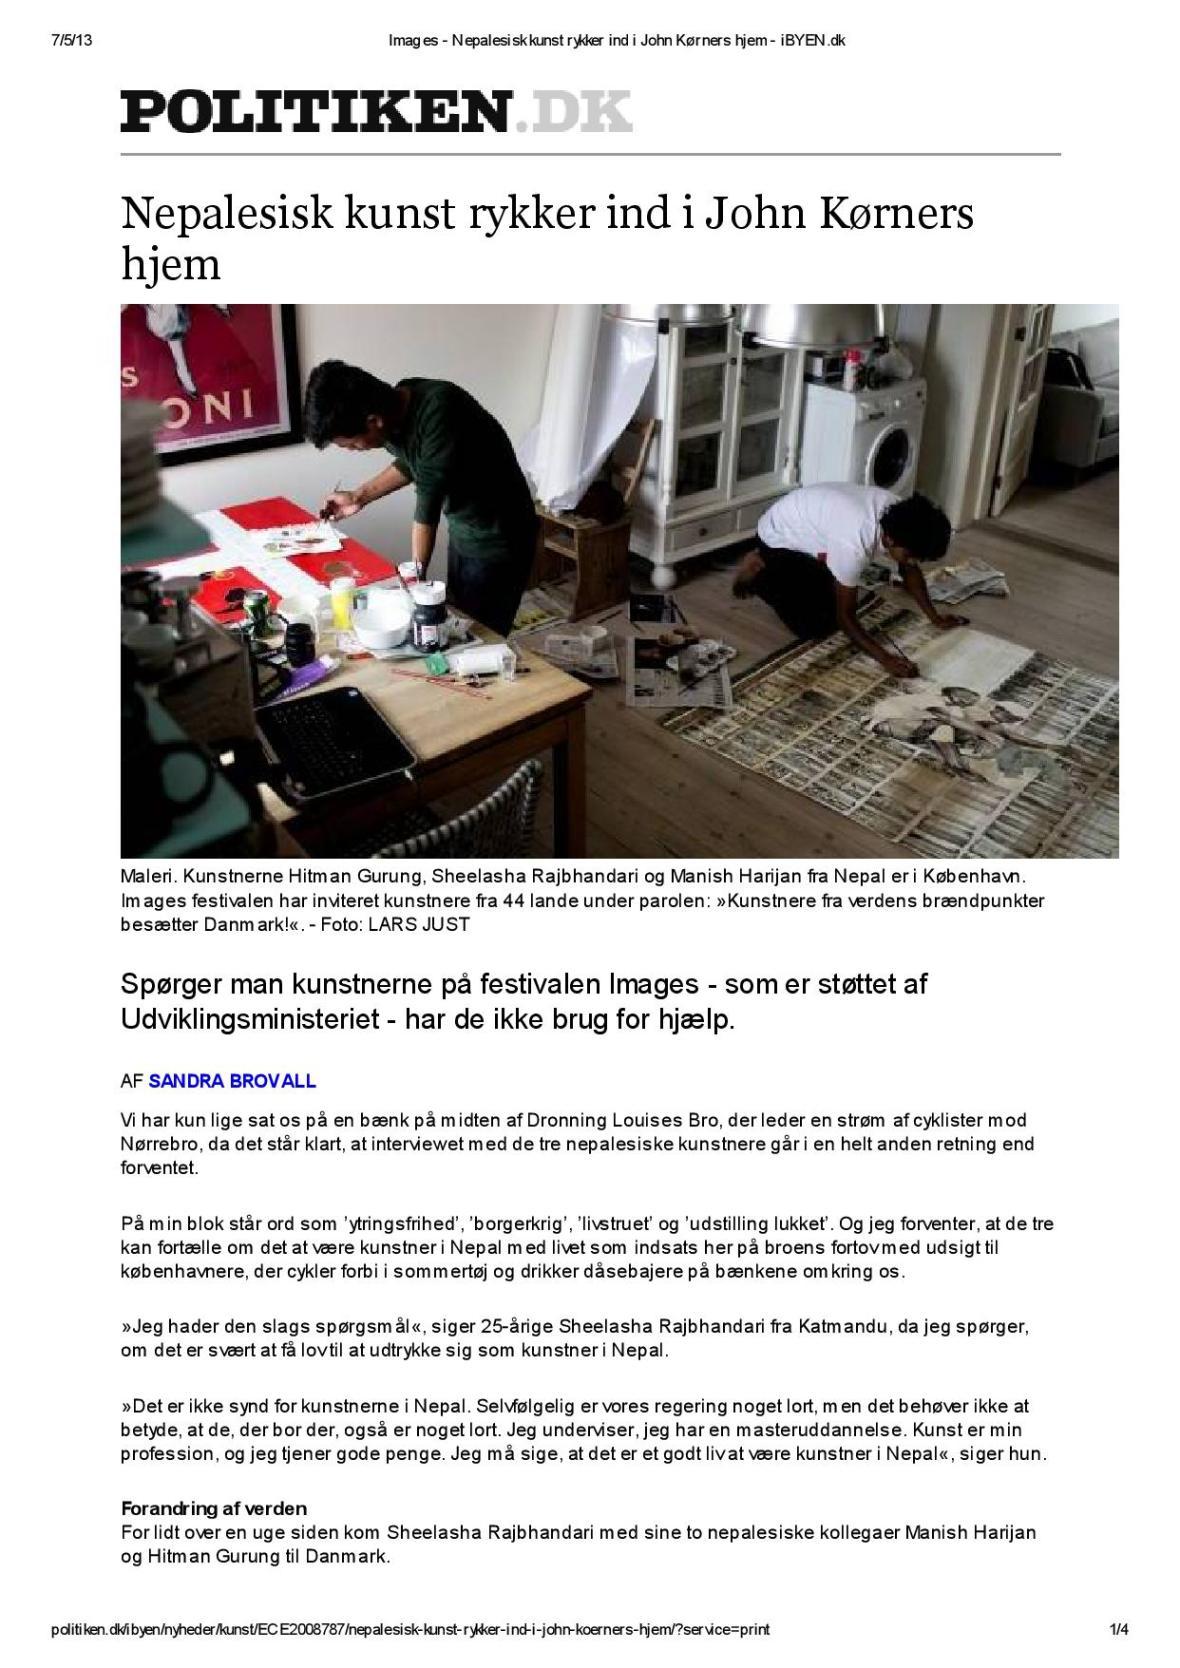 Images - Nepalesisk kunst rykker ind i John Kørners hjem - iBYEN-page-001